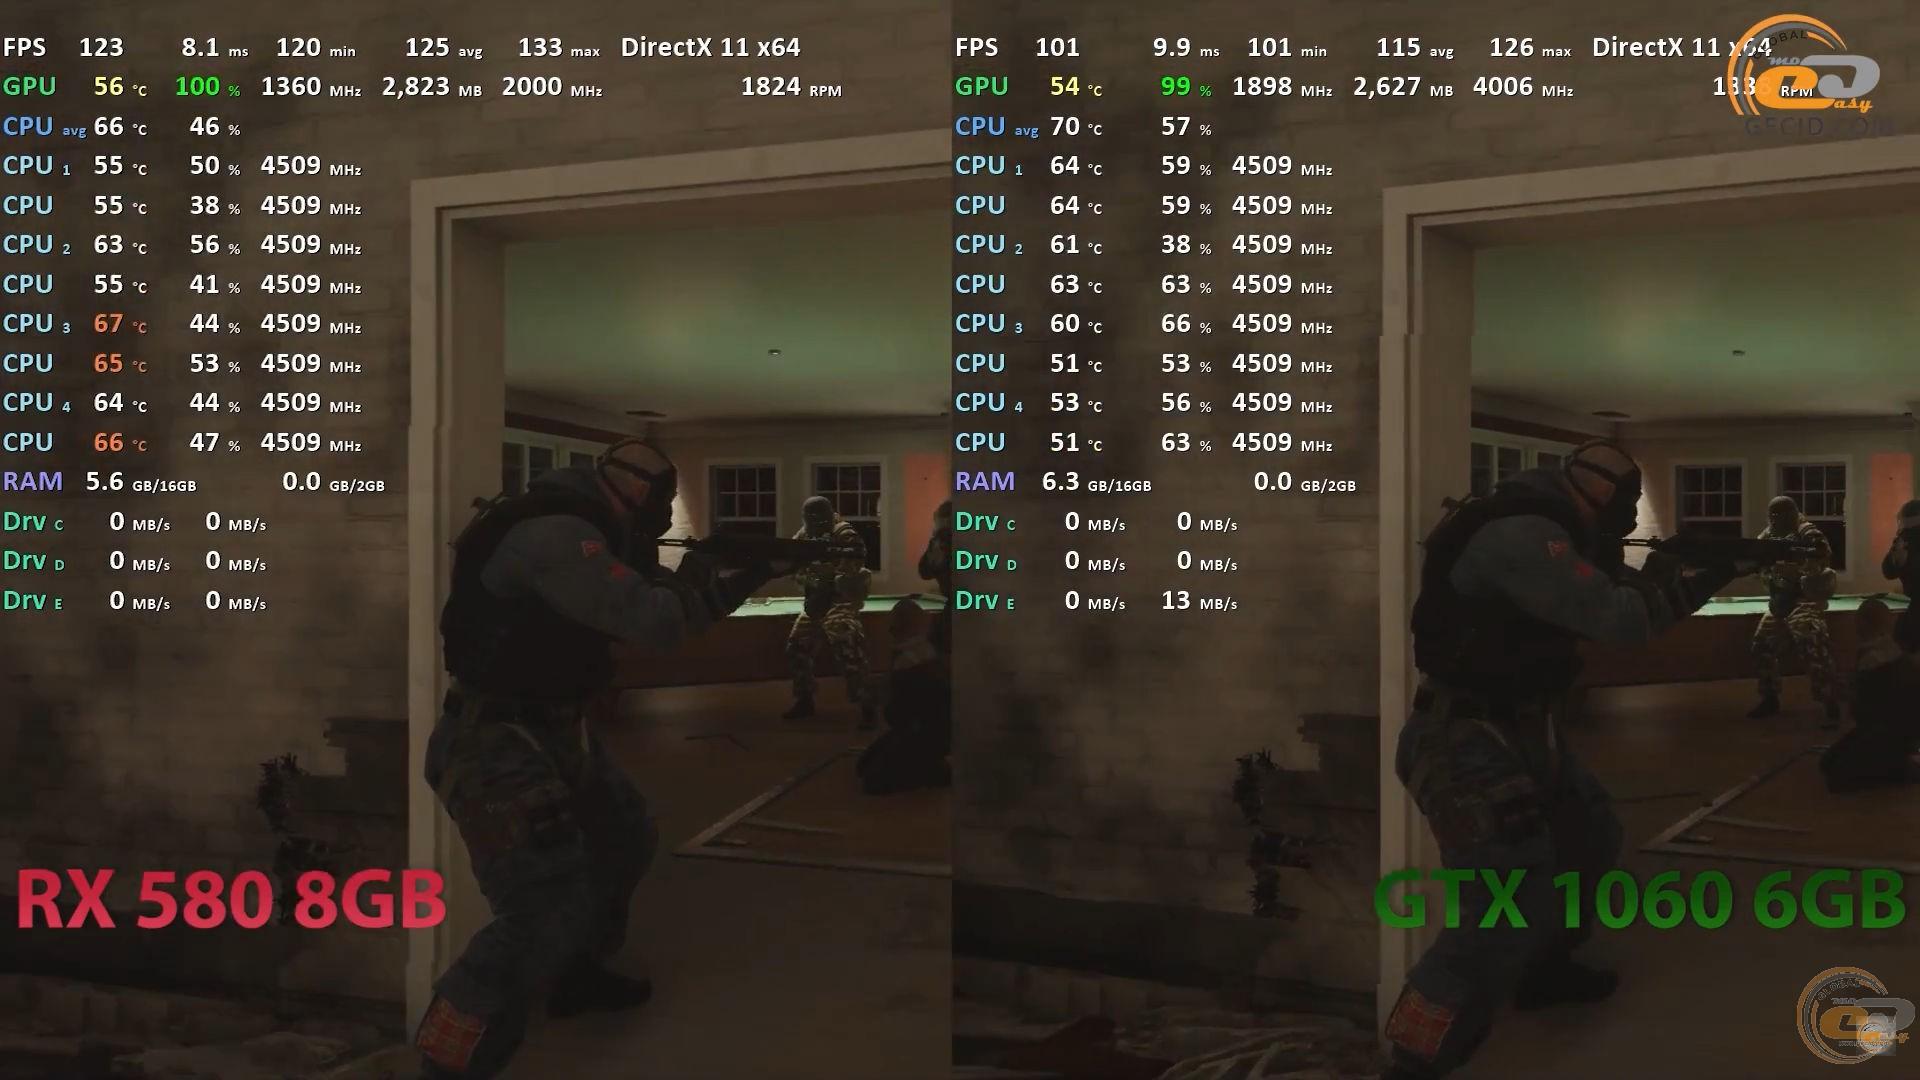 rx 580 4gb vs gtx 1060 6gb